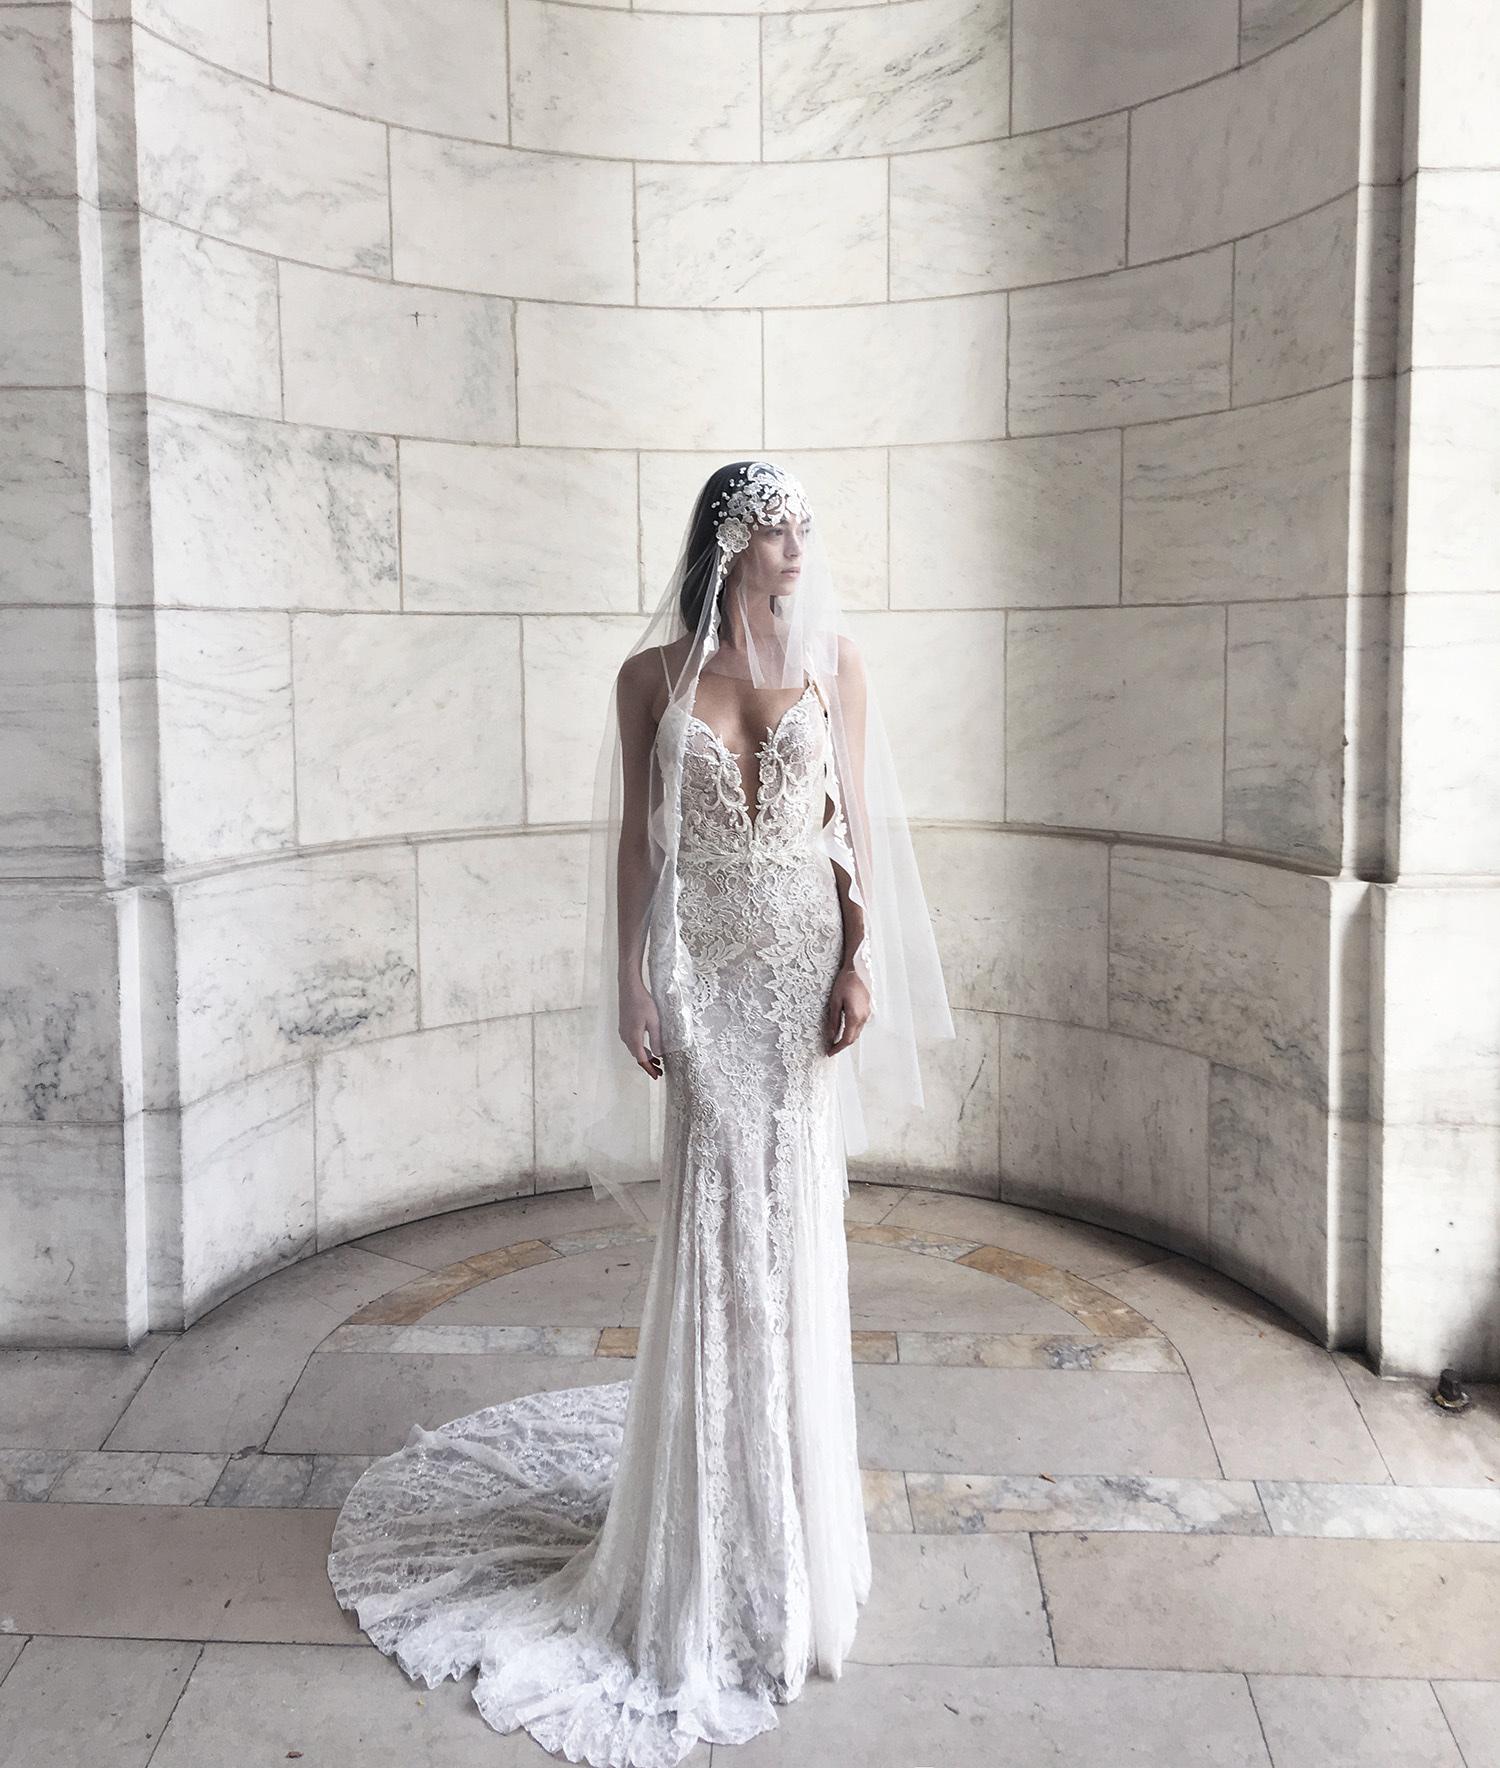 berta-wedding-dress.jpg